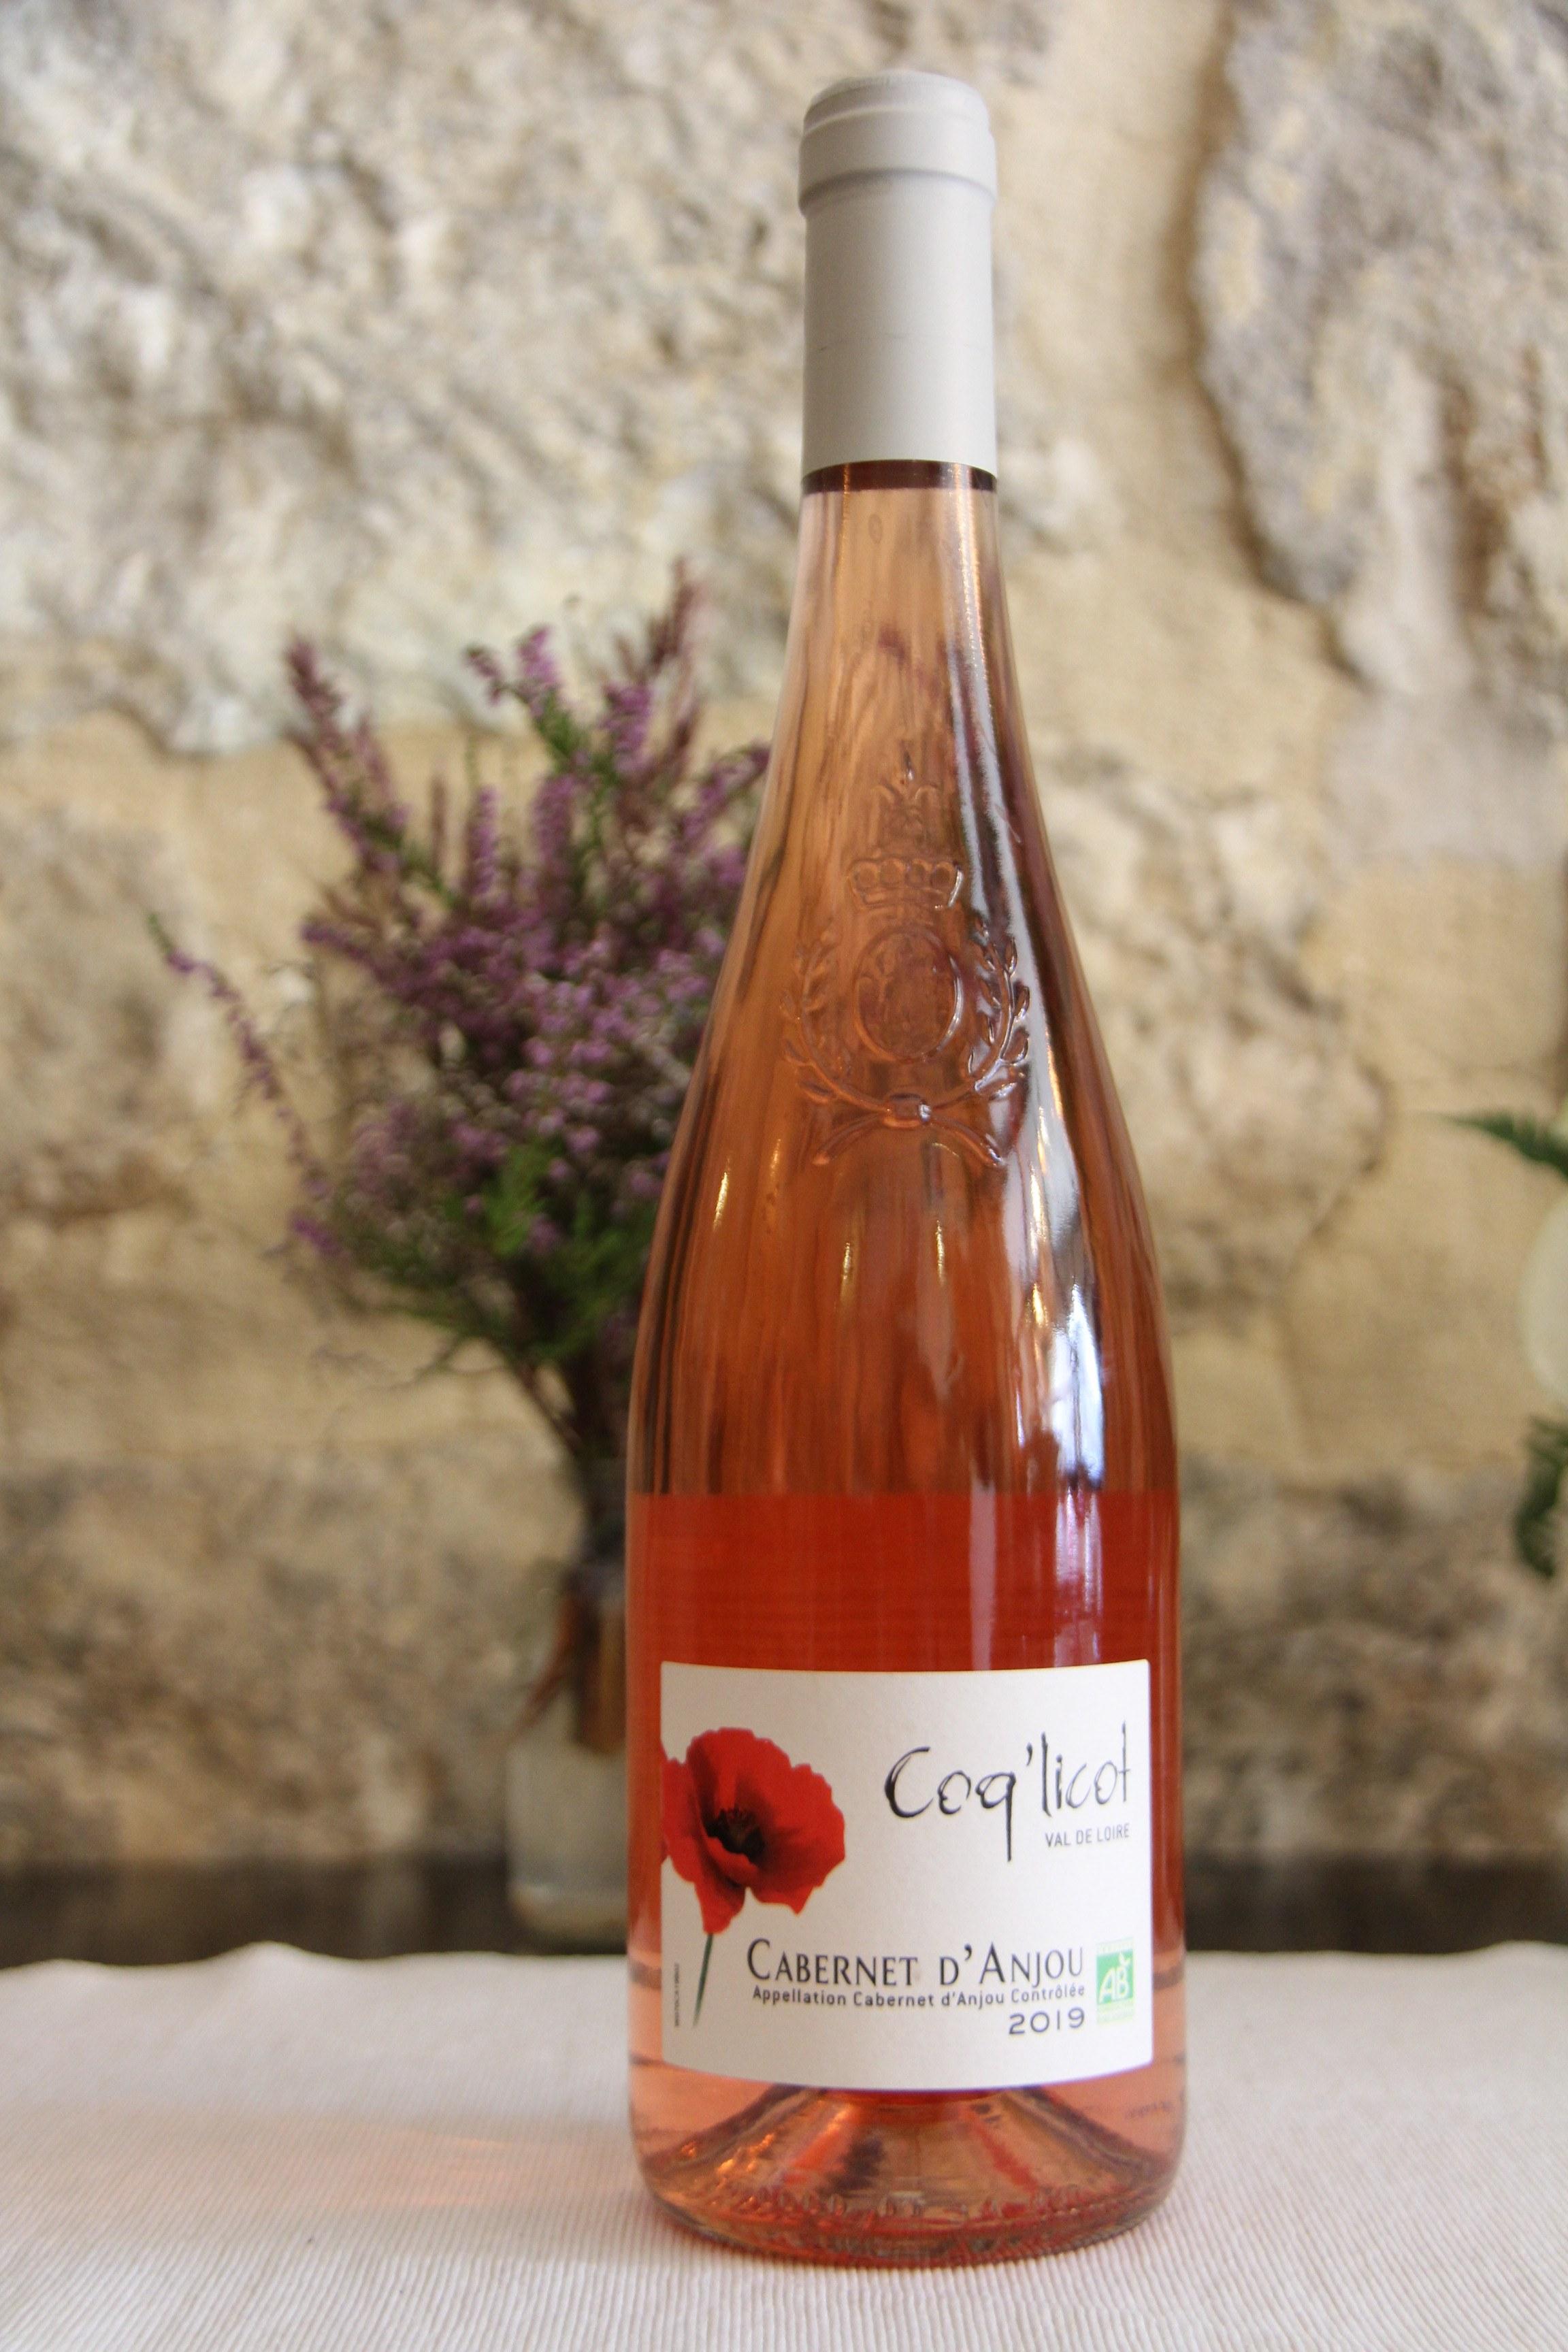 coq'liquot rosé